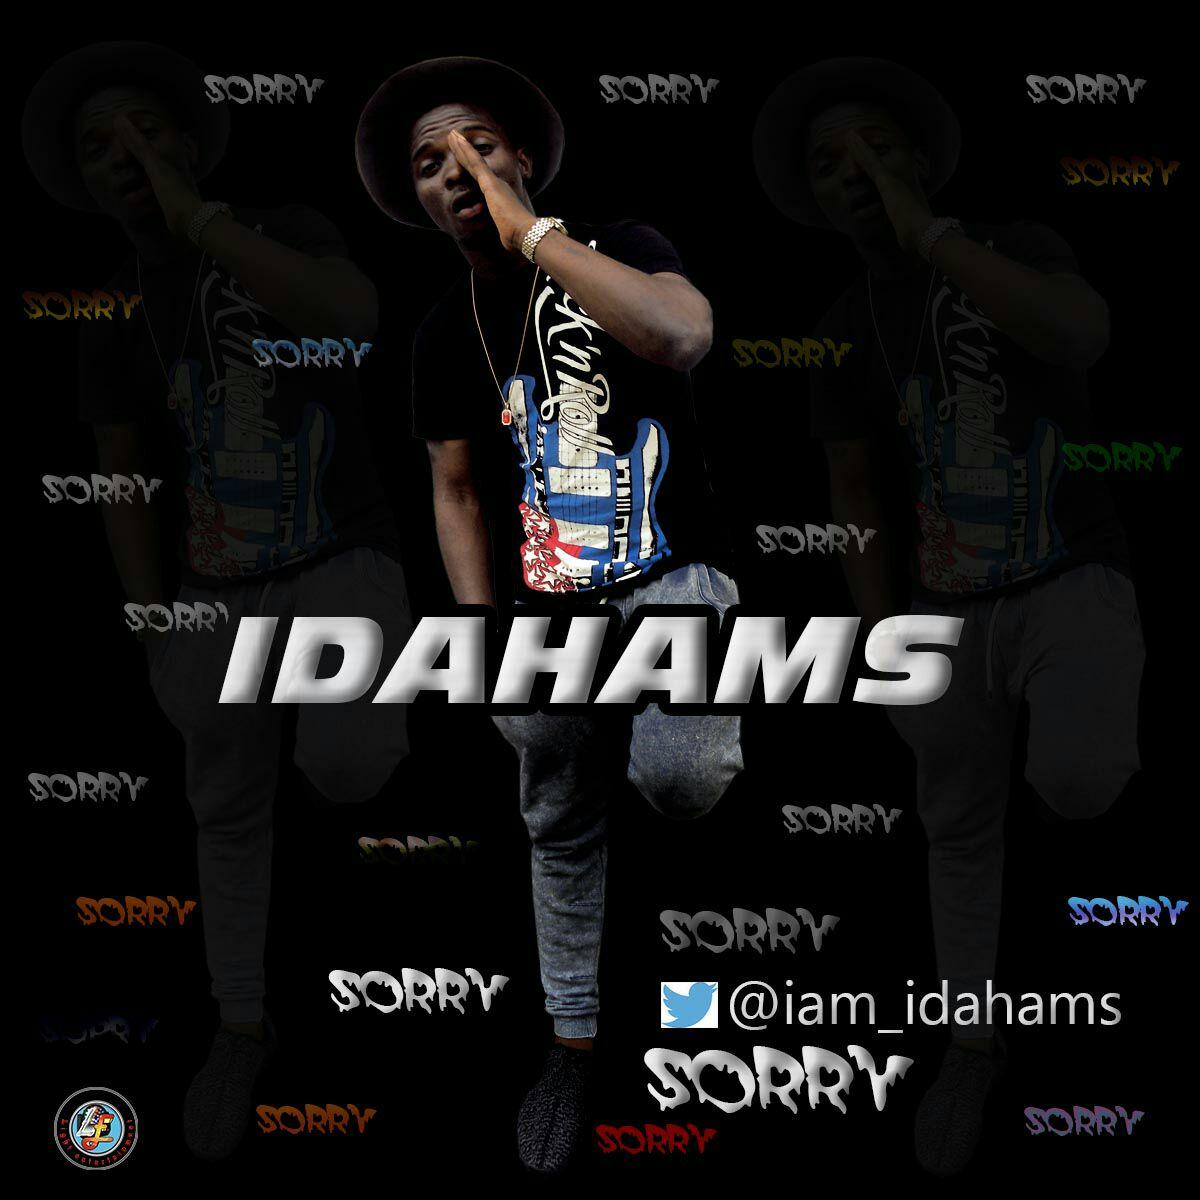 Idahams - Sorry Cover